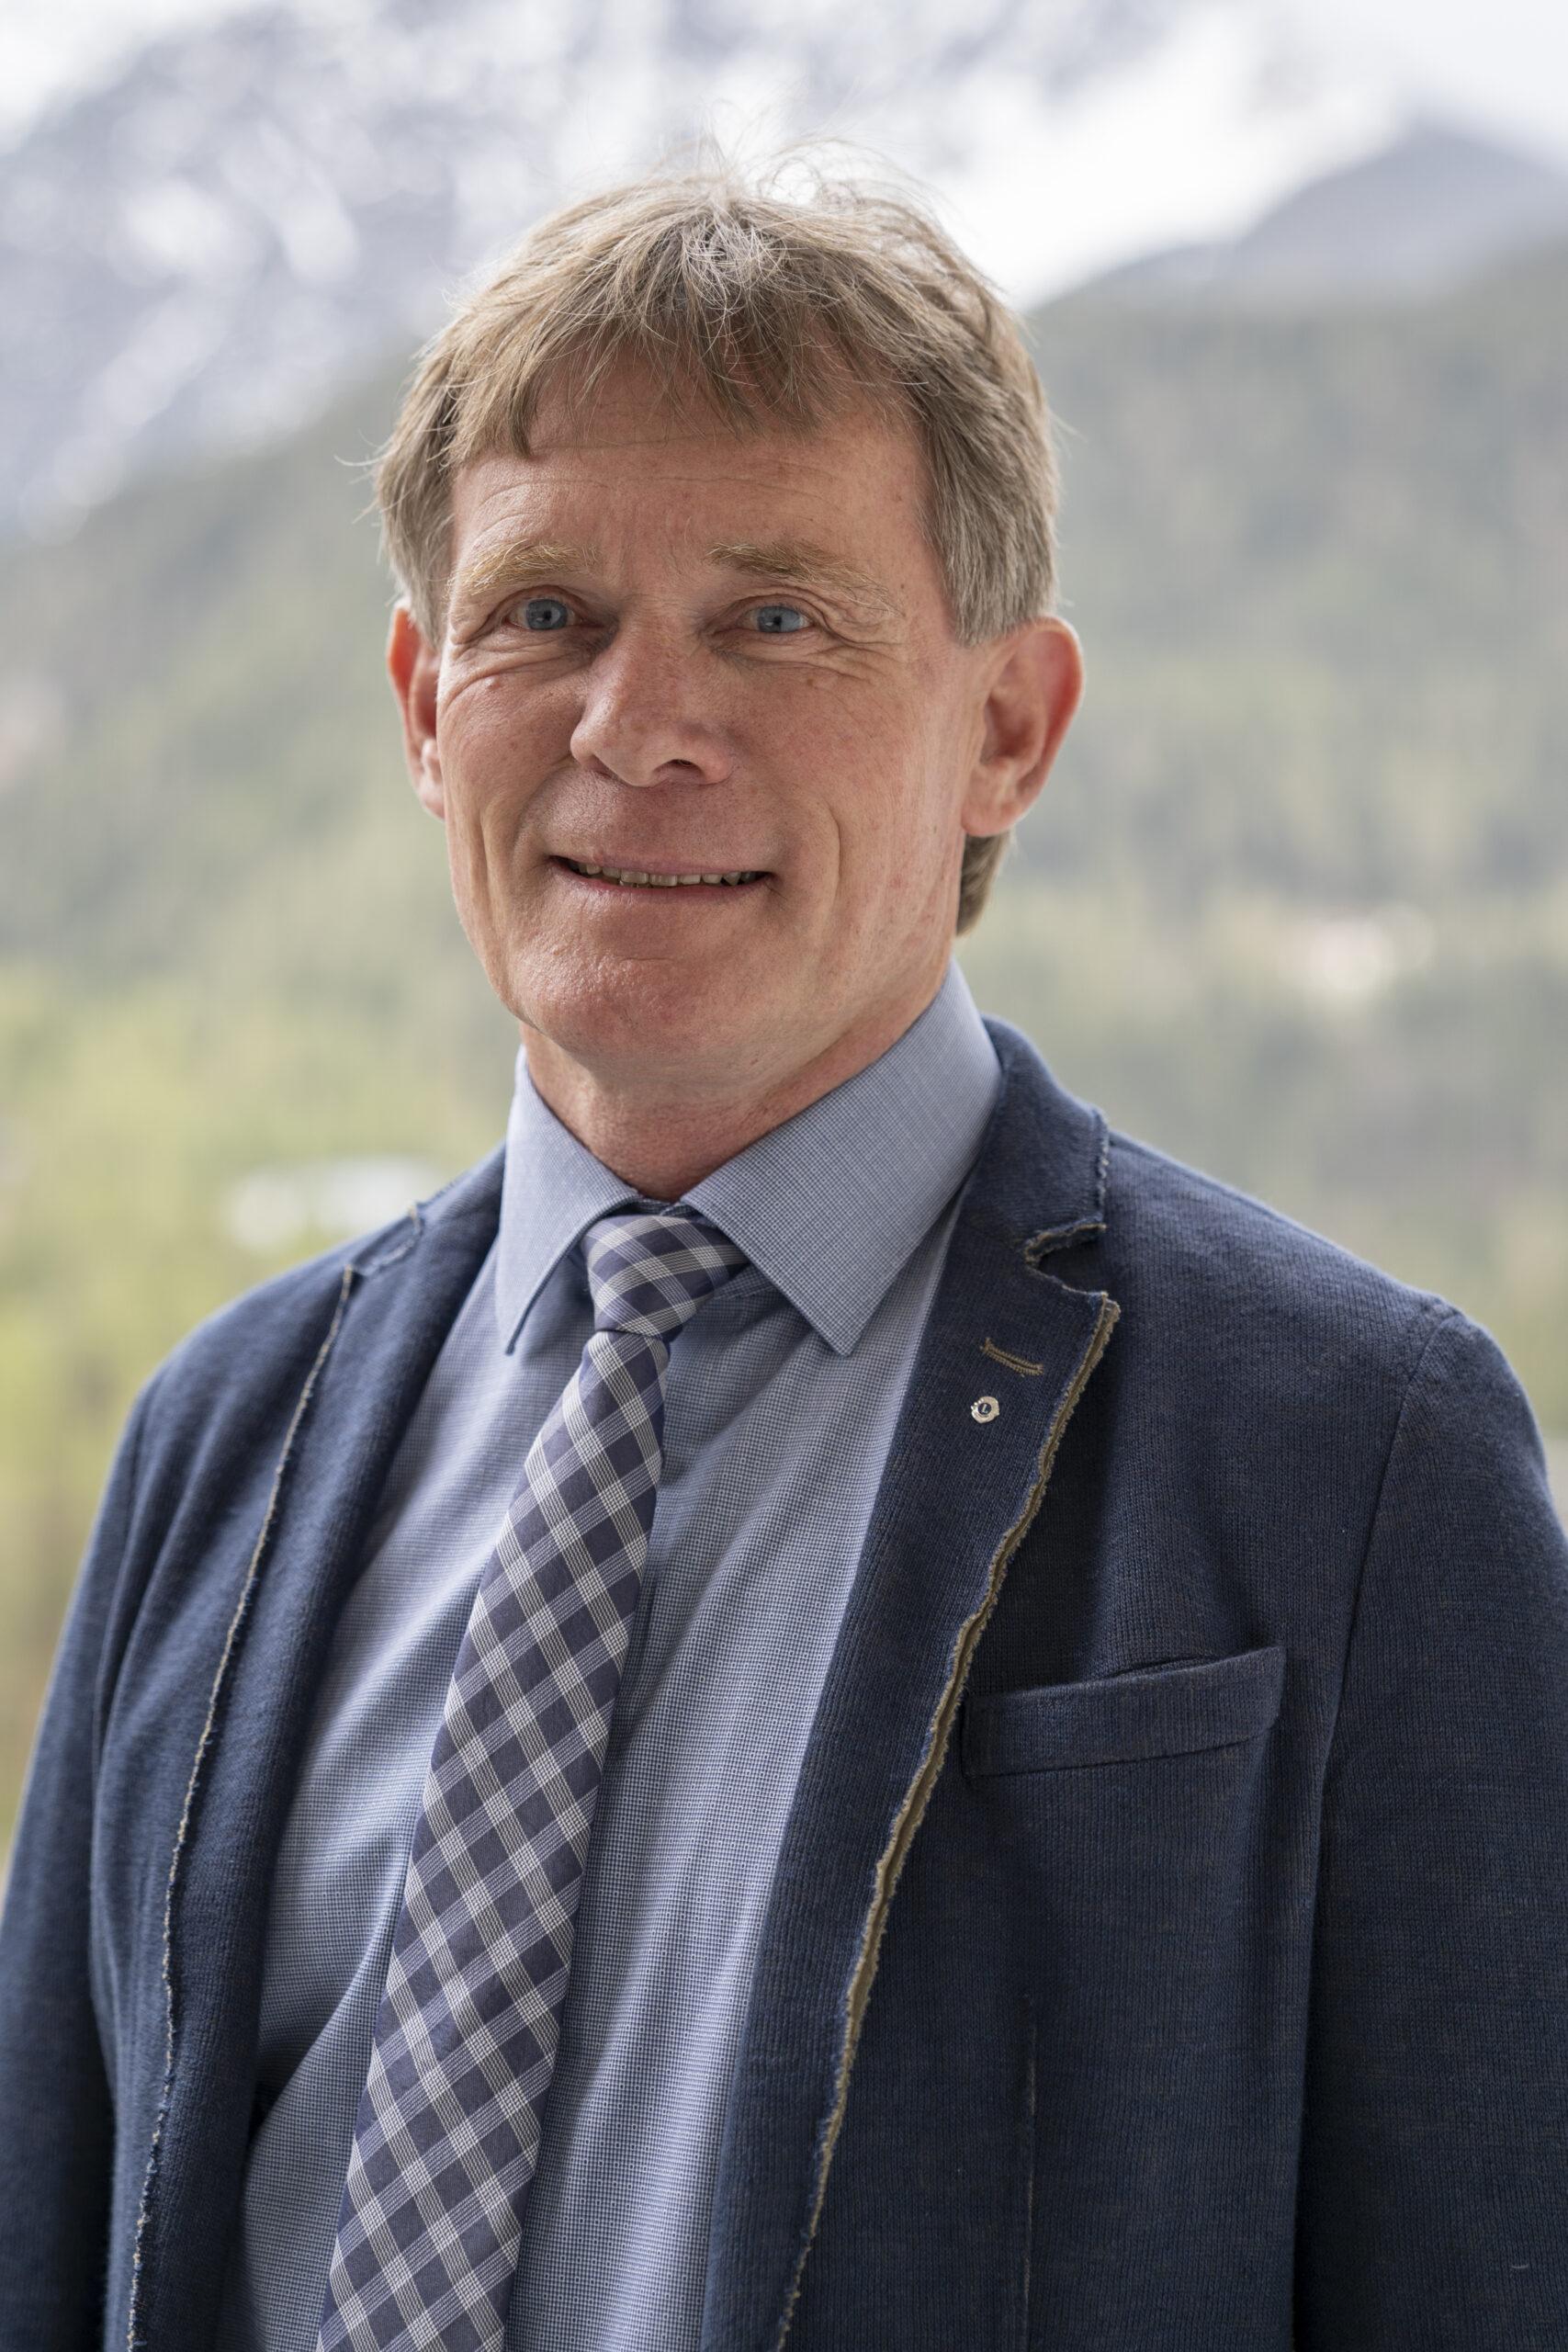 Martin Bordoli